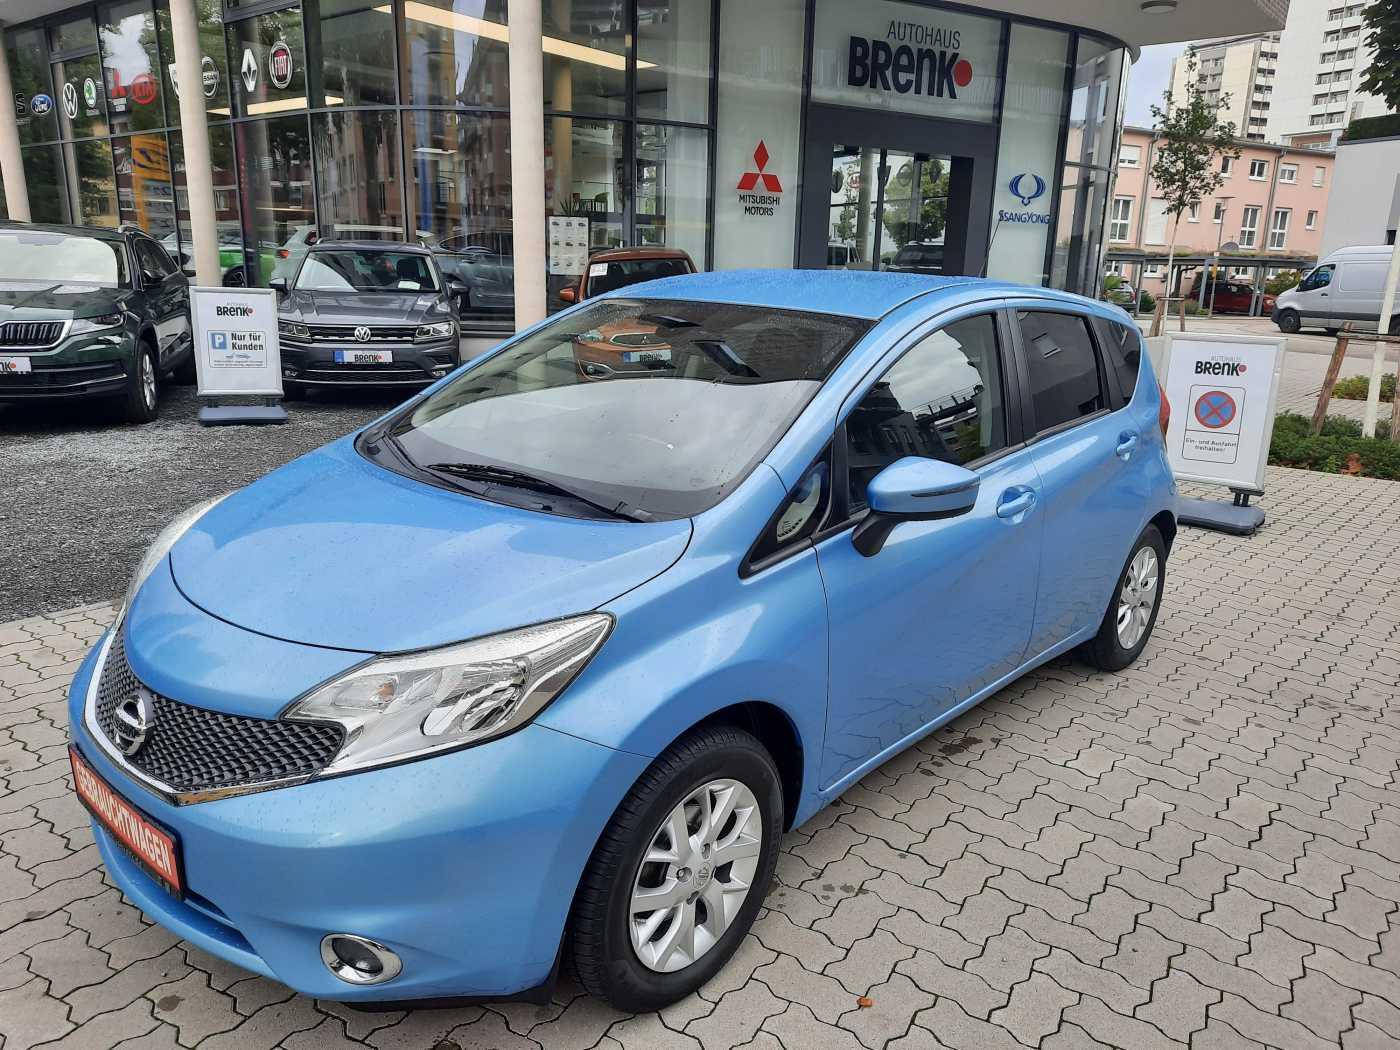 Nissan Note 1.2 acenta*Klima/Bluetooth/el. Fensterheber*, Jahr 2014, Benzin